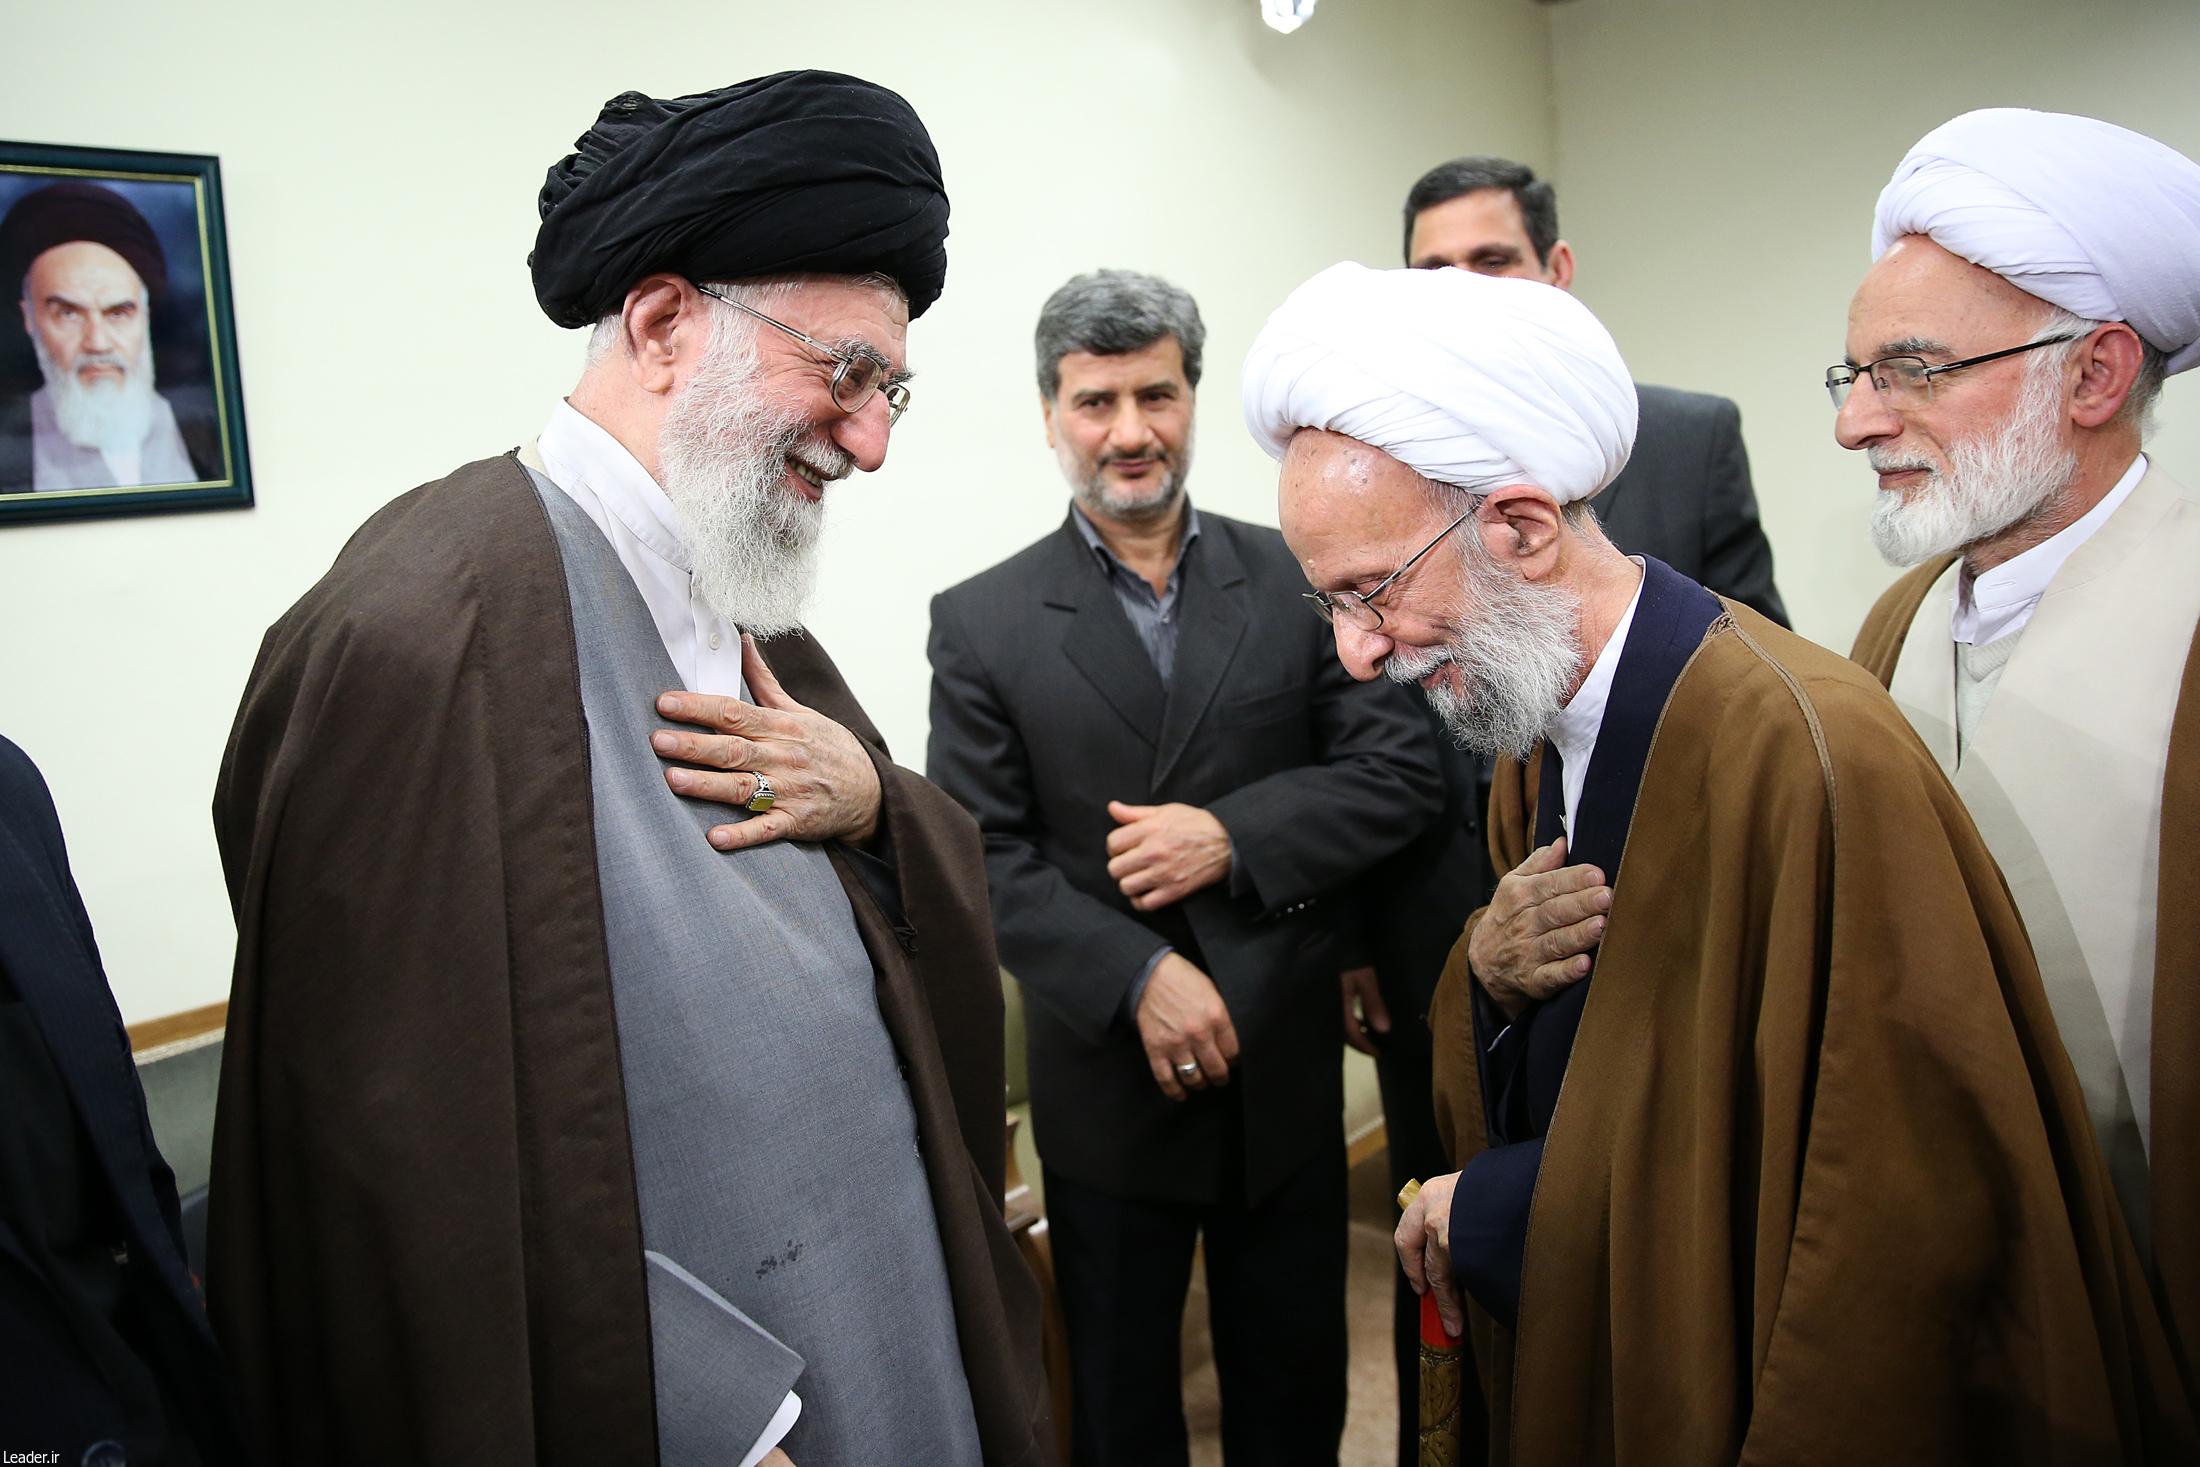 مصباح یزدی: رهبری شعار را از دست سوسیالیستها گرفتهاند